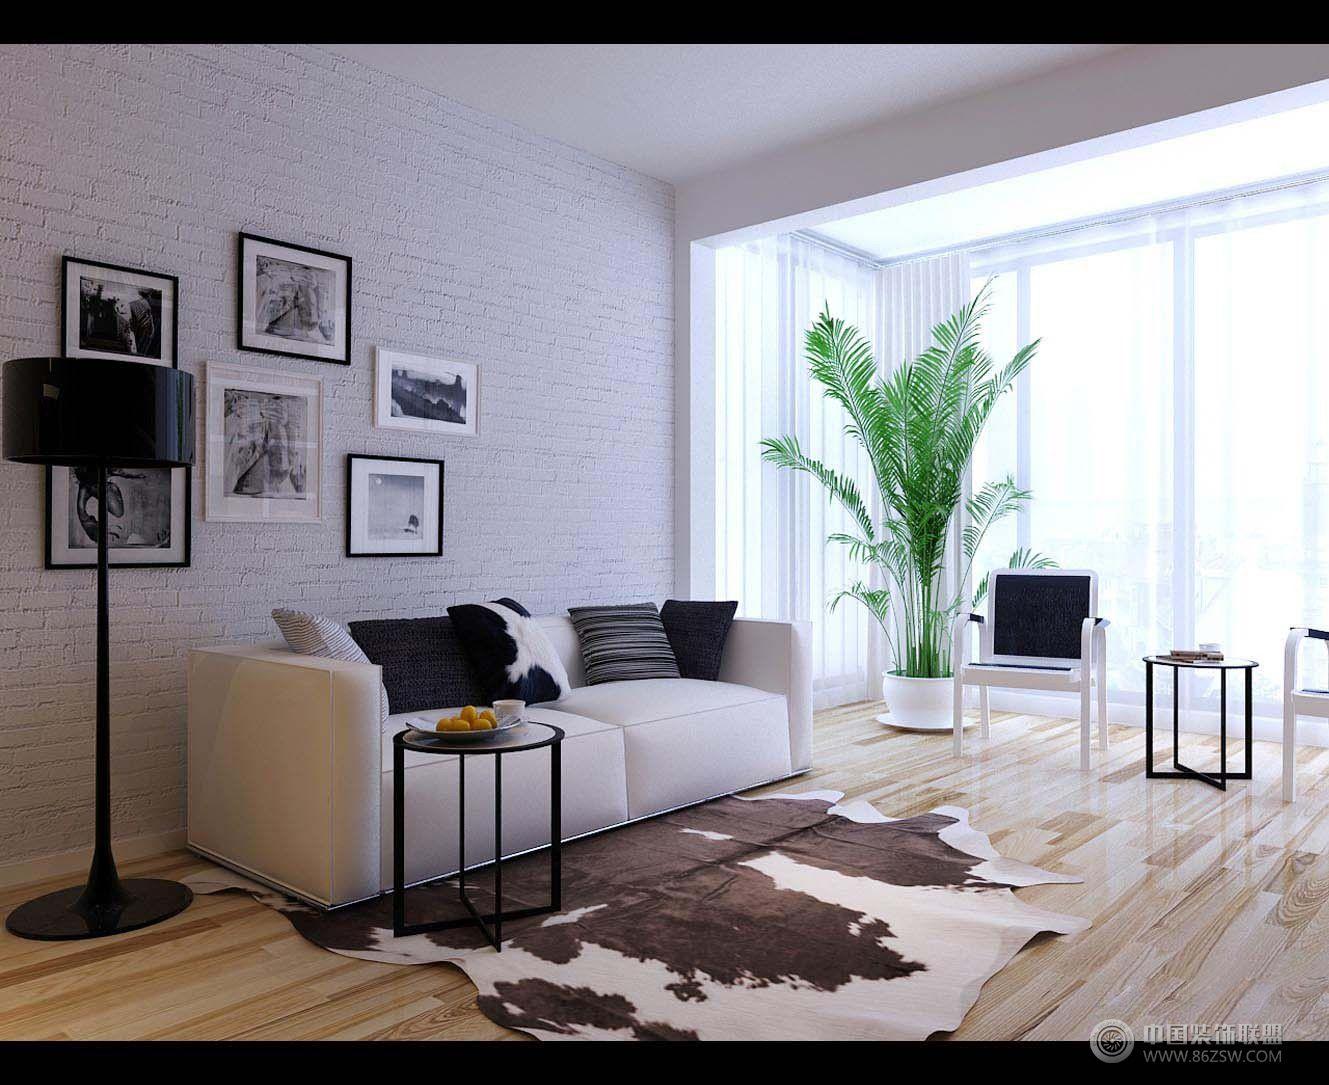 单身公寓装修图片 商场外立面效果图分享